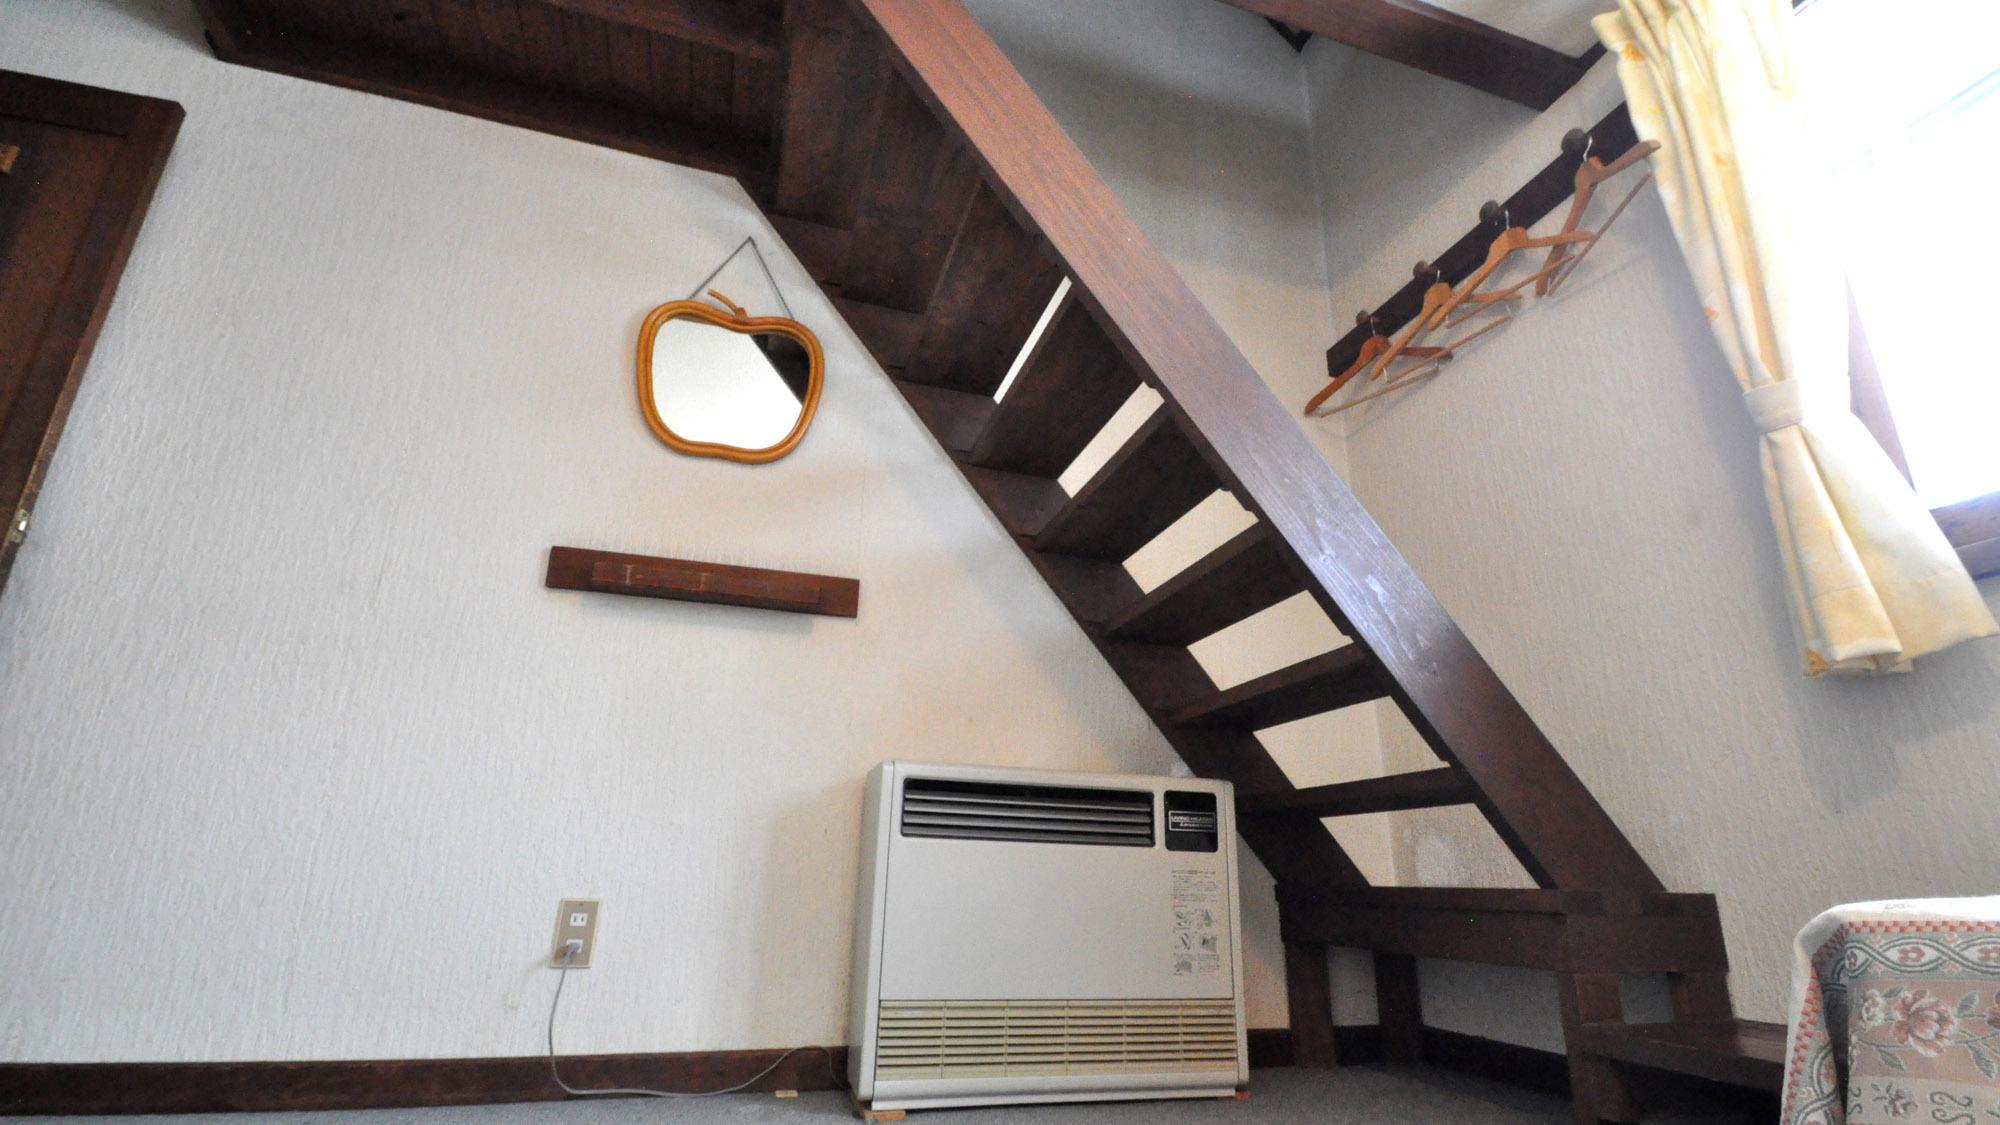 【客室】フォース ロフトへの階段が設置されております